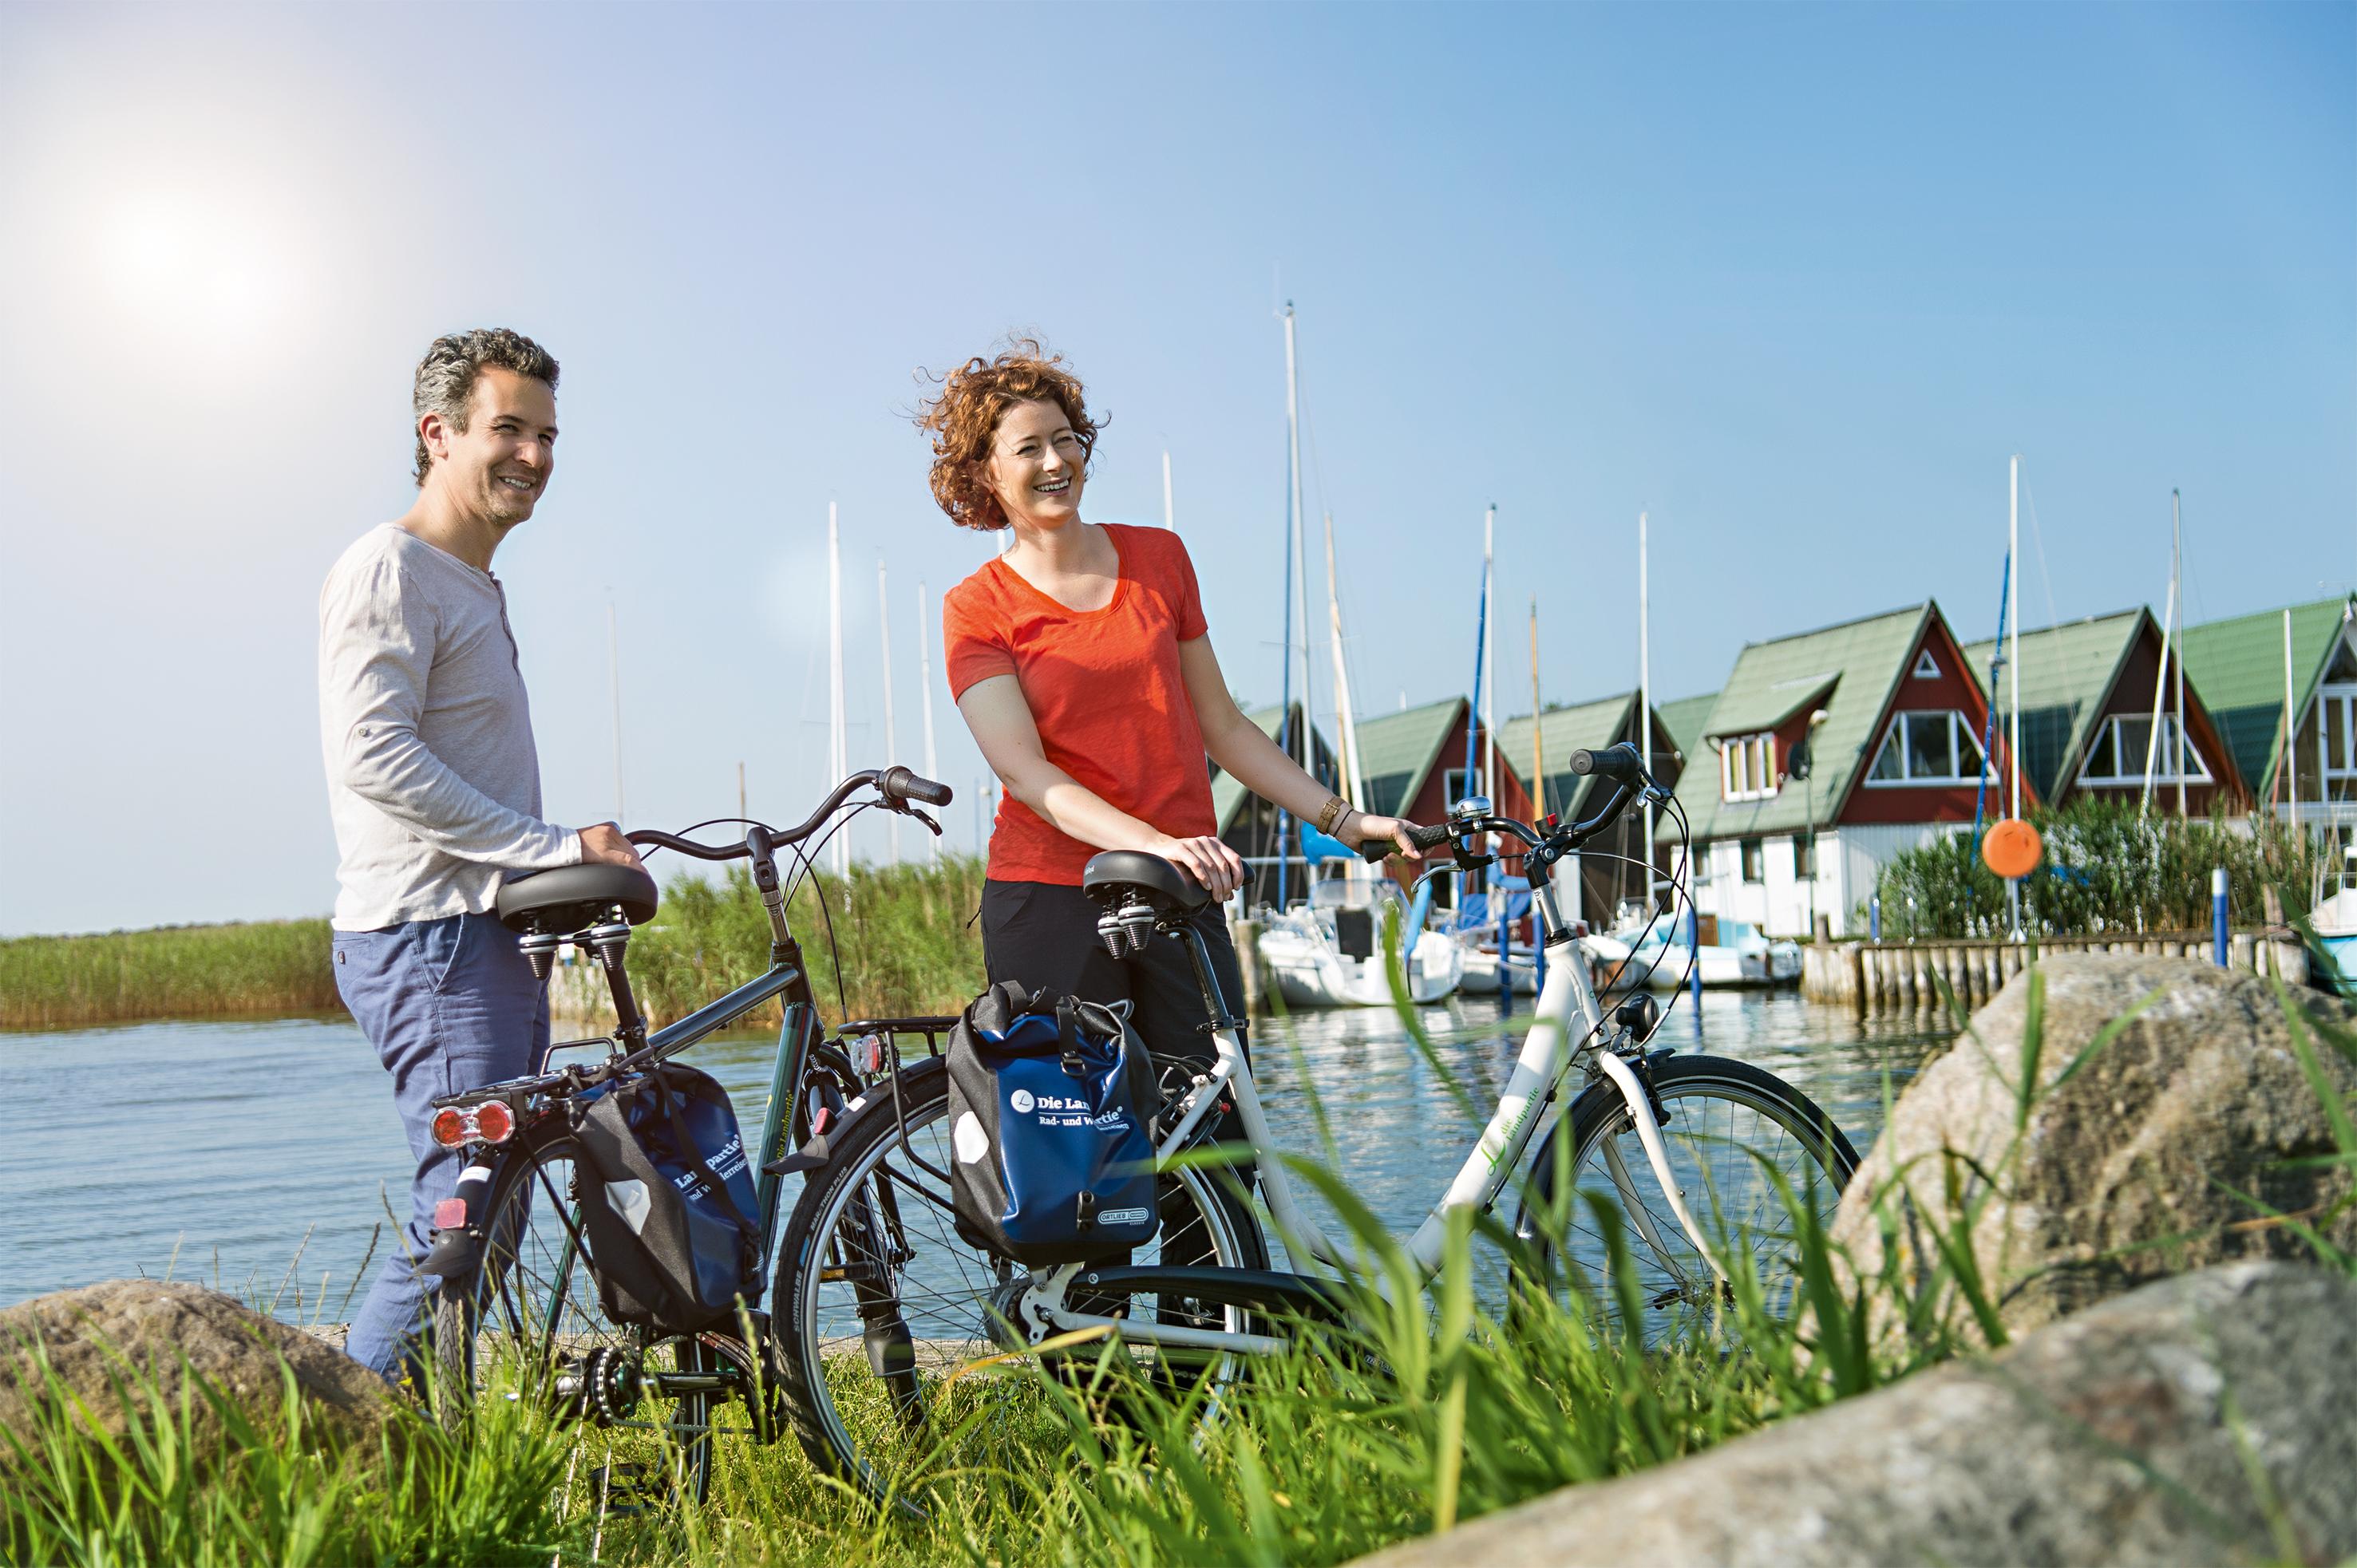 Die Landpartie Ostsee Radreisen